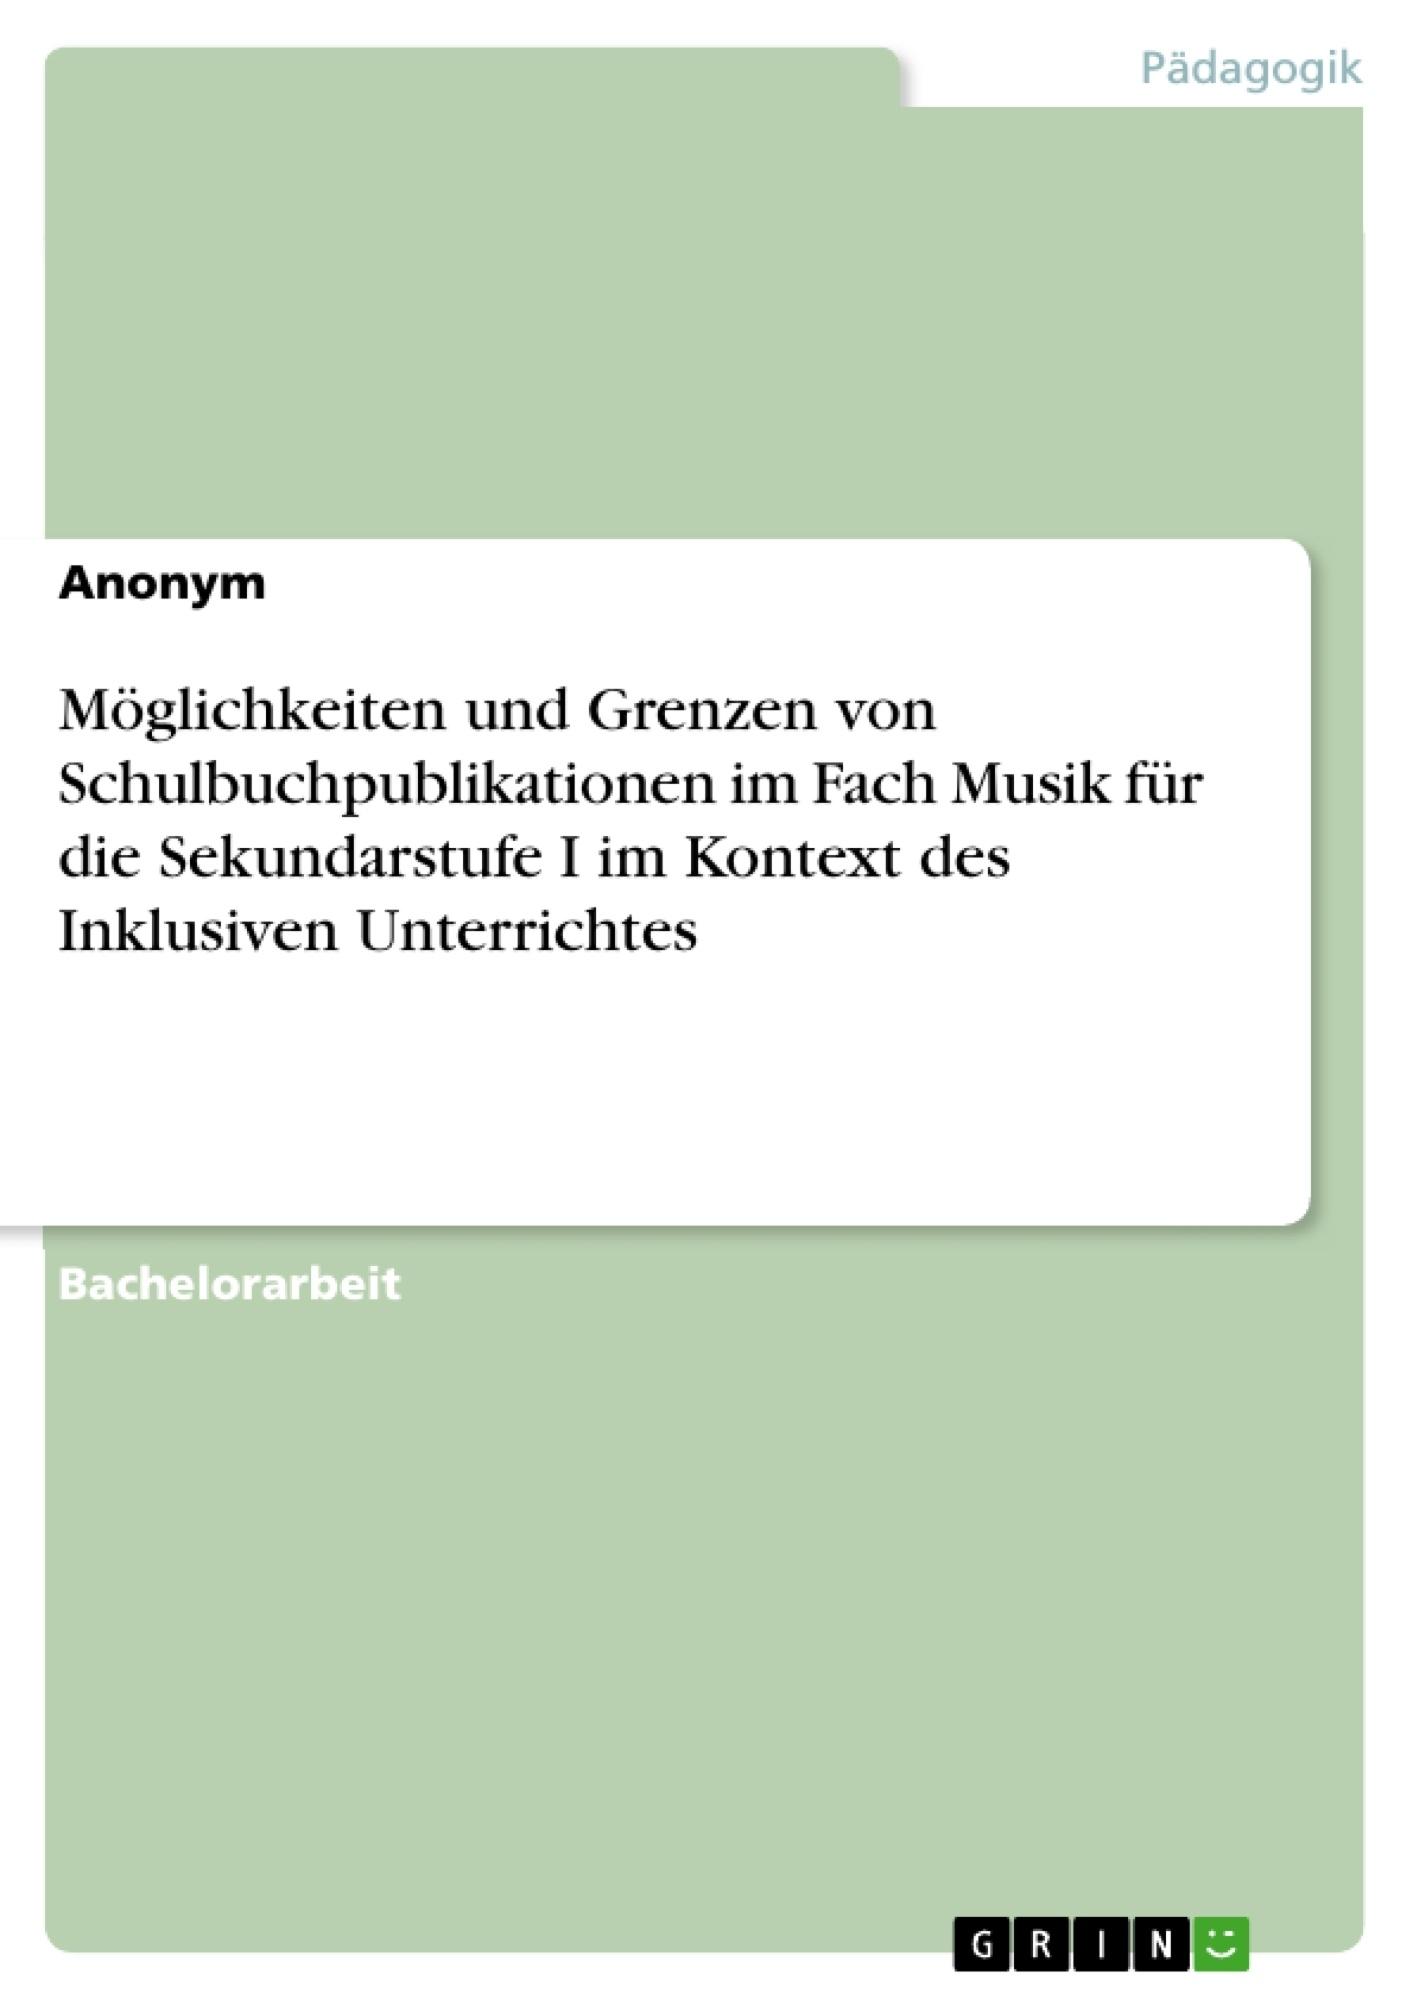 Titel: Möglichkeiten und Grenzen von Schulbuchpublikationen im Fach Musik für die Sekundarstufe I im Kontext des Inklusiven Unterrichtes